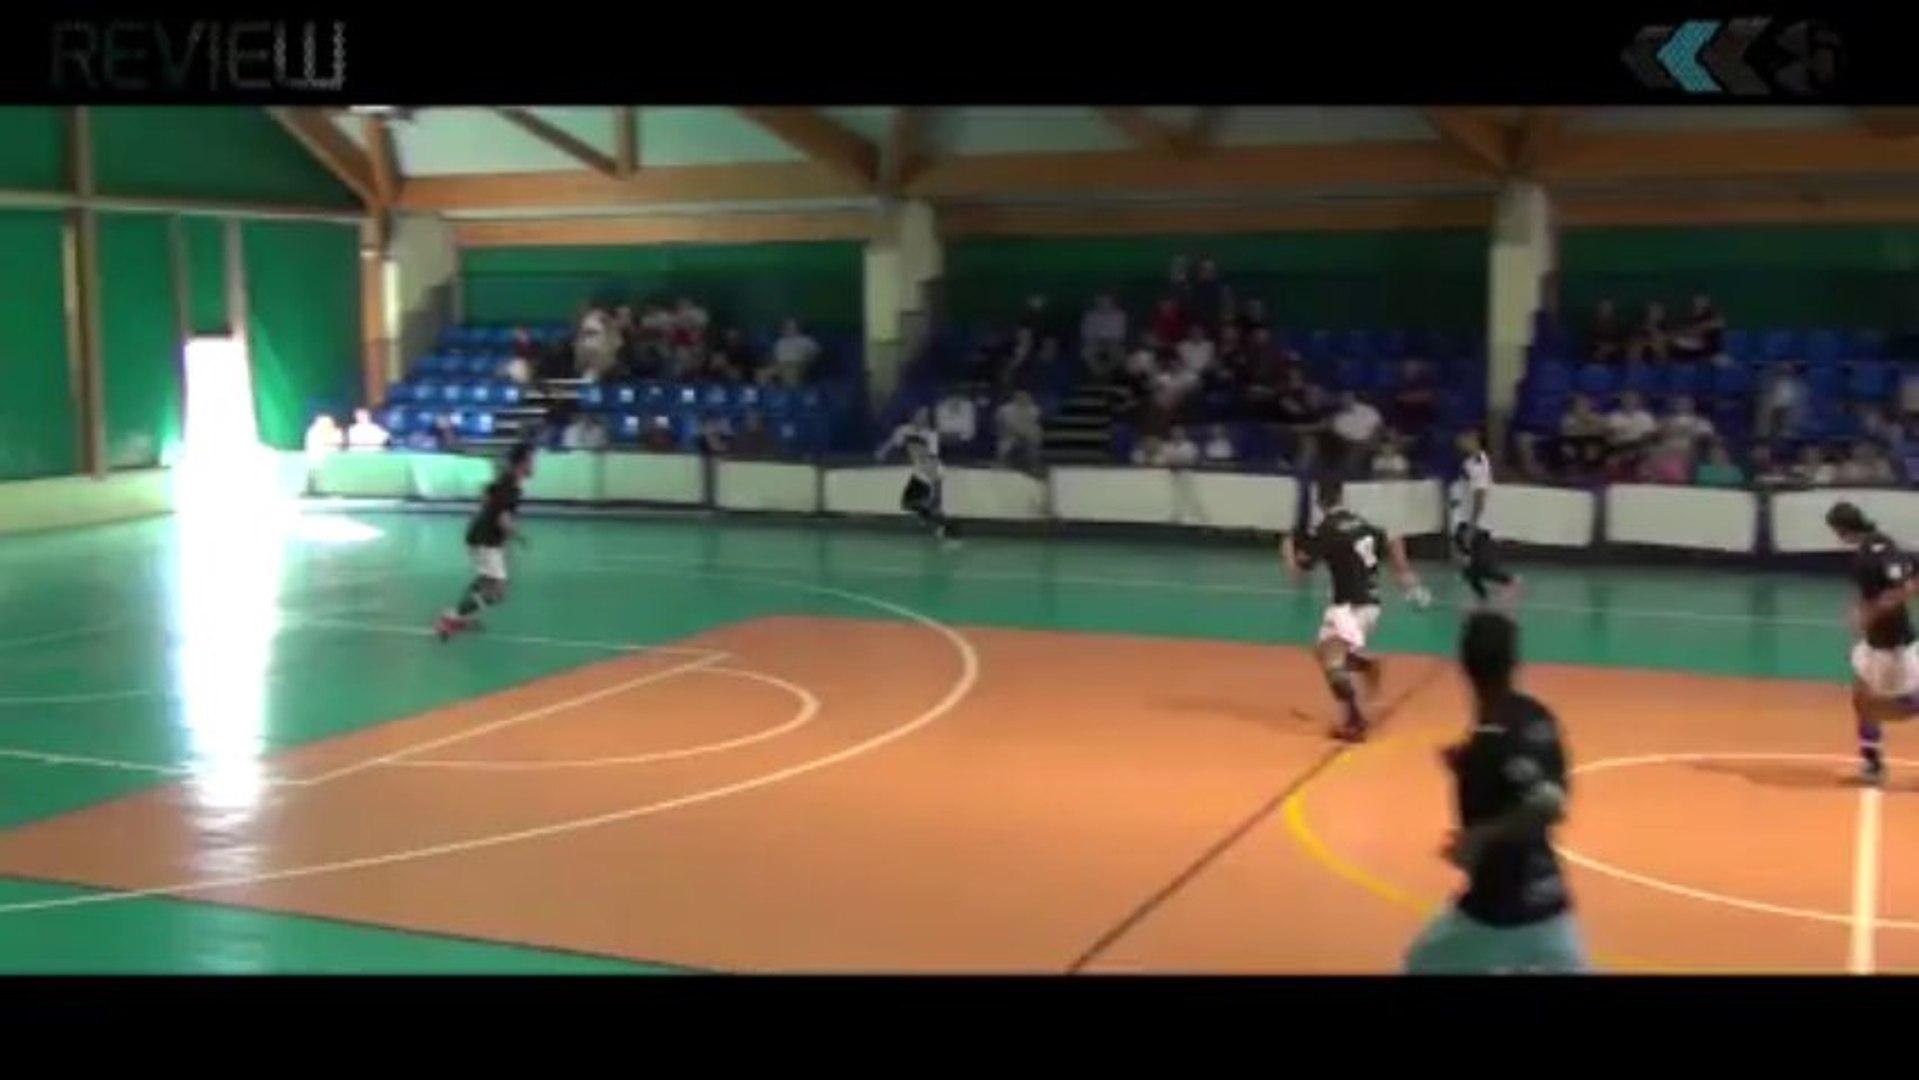 Review C1 - Giornata 5: Una C1 sempre più sorprendente - Futsal Fanner